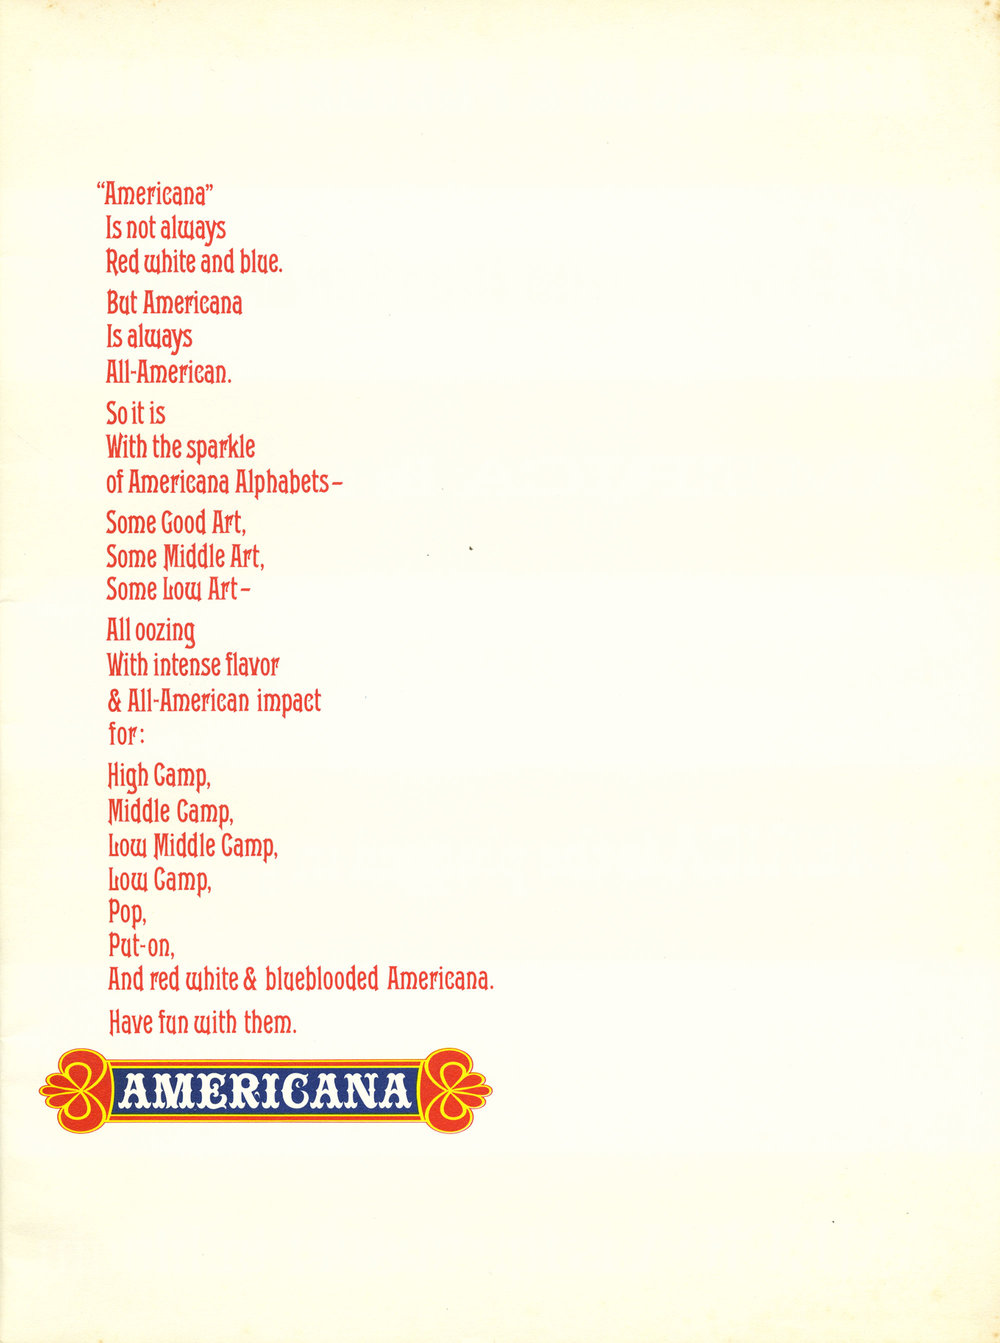 Americana-b.jpg